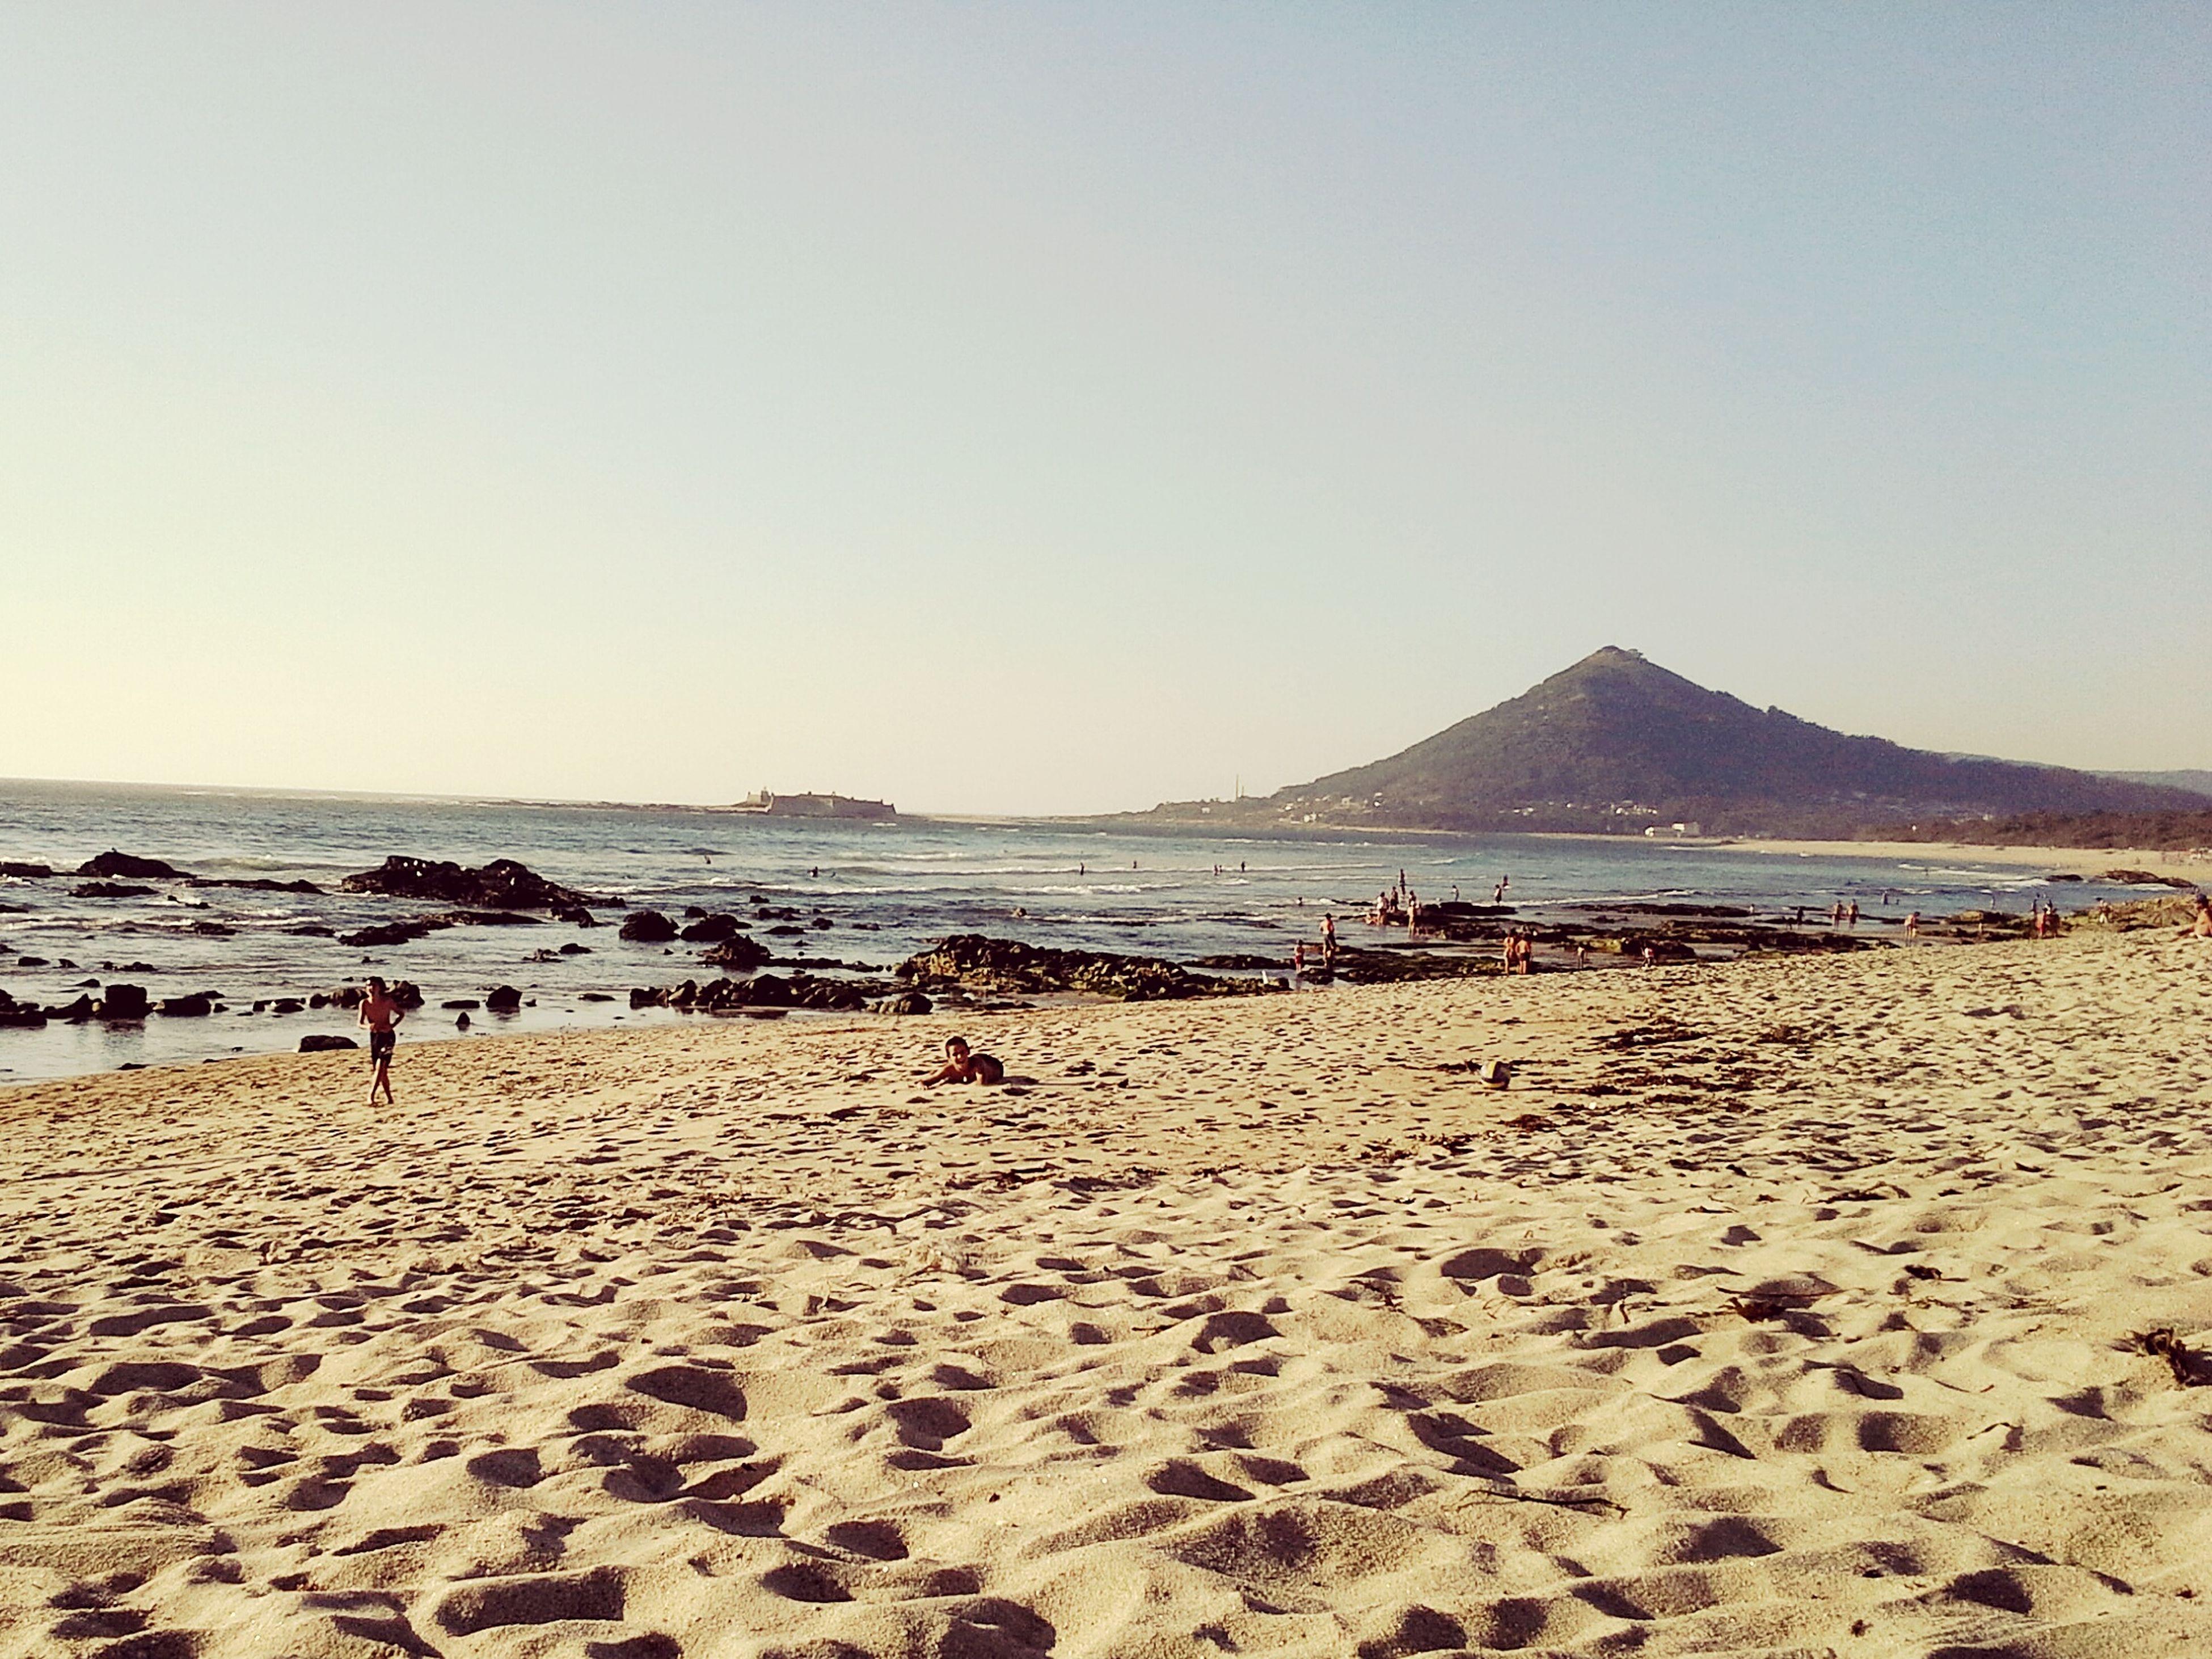 Sea Sunshine Enjoying Life Relaxing Enjoying The Sun Being A Beach Bum